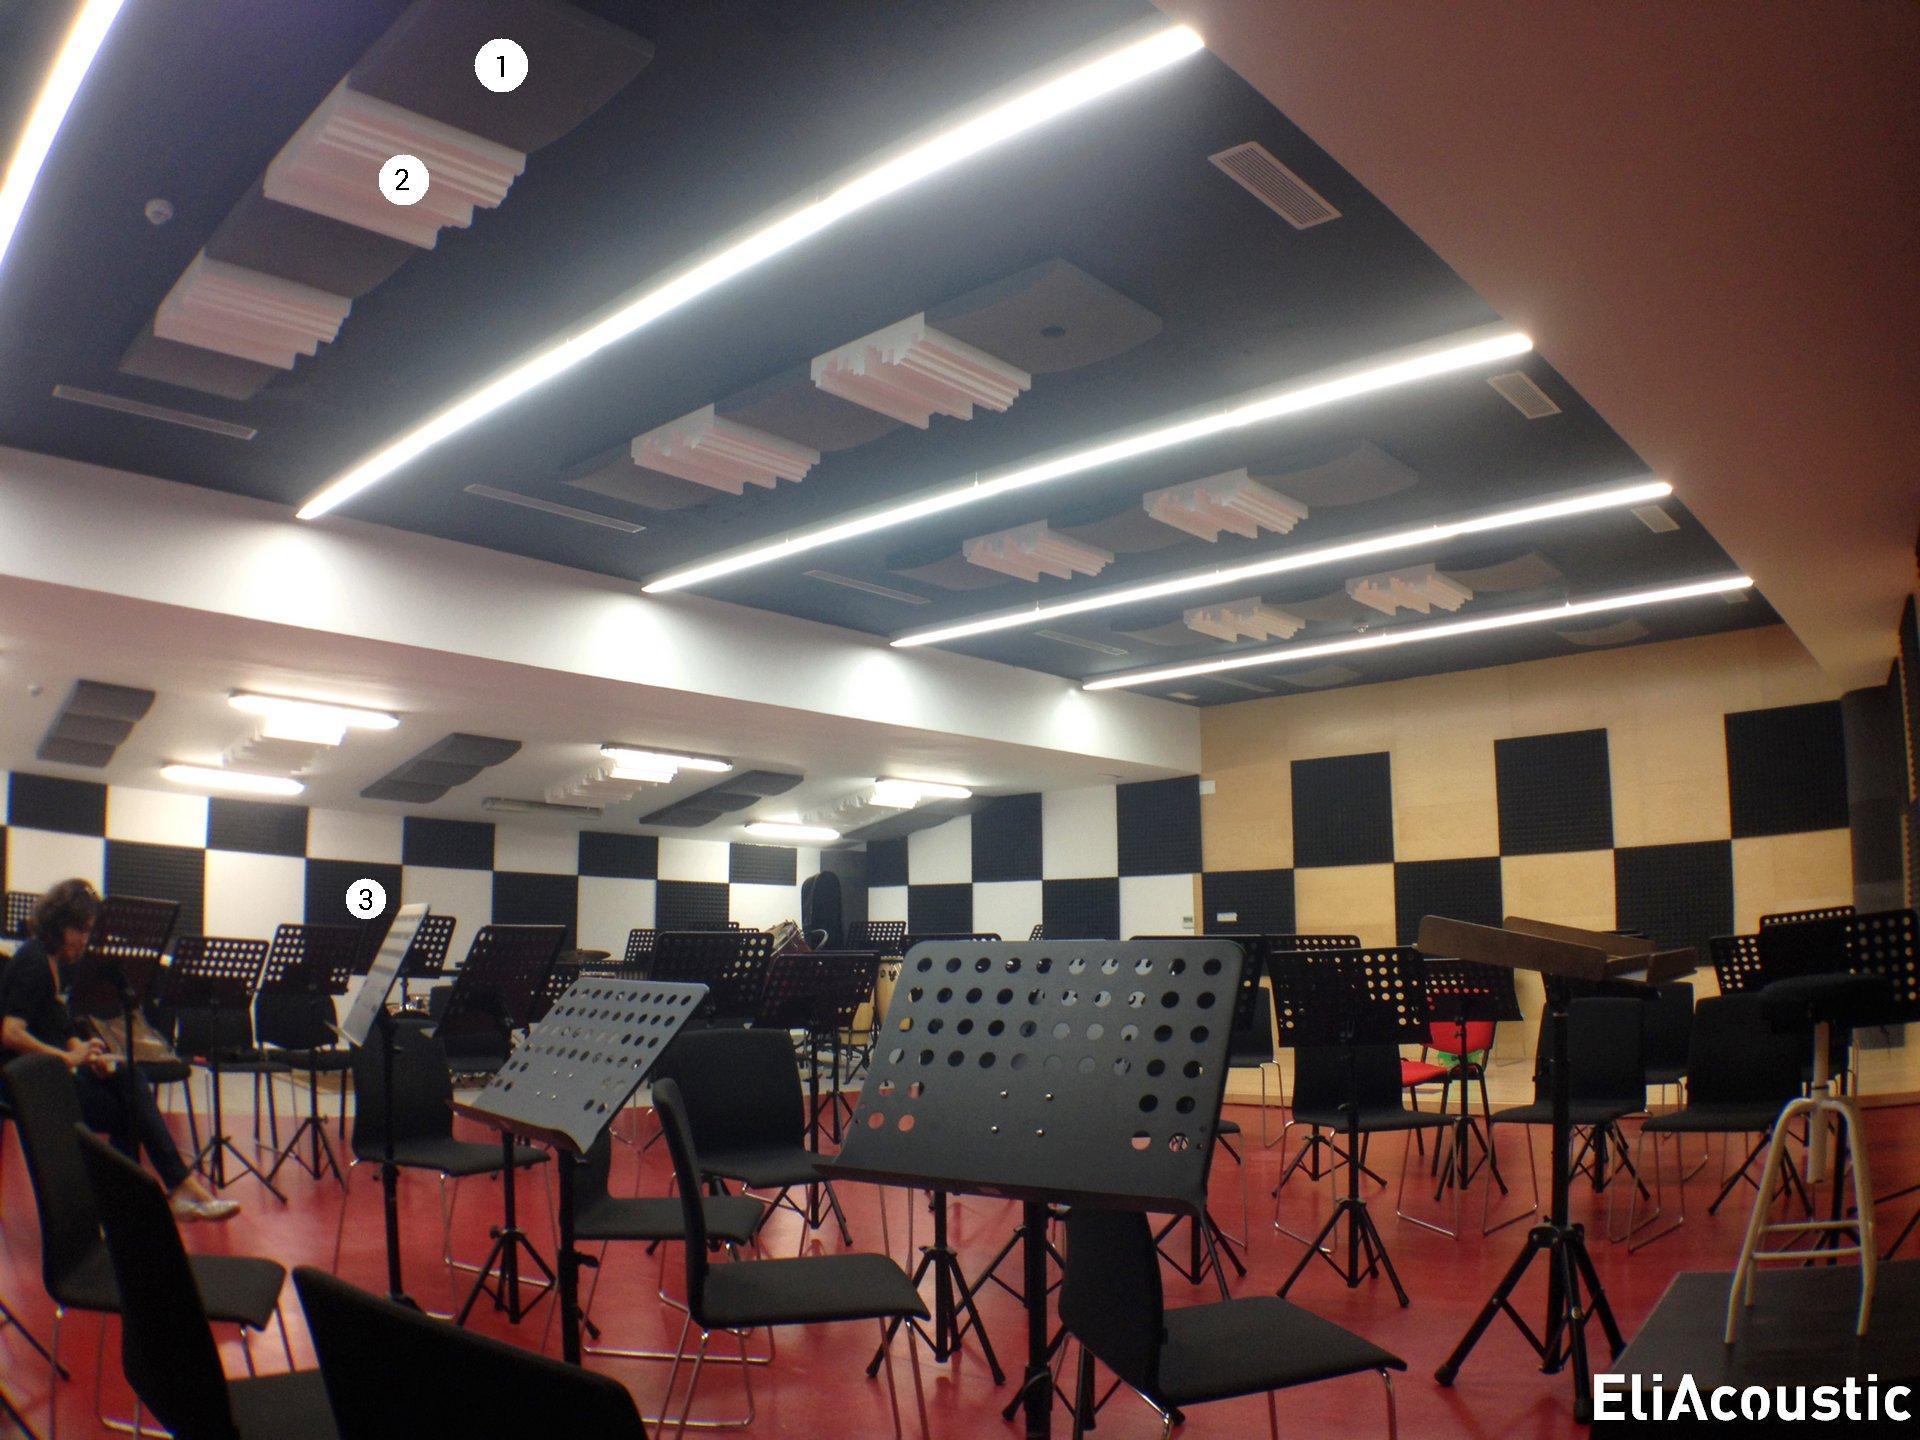 Escuela de musica acondicionada acusticamente